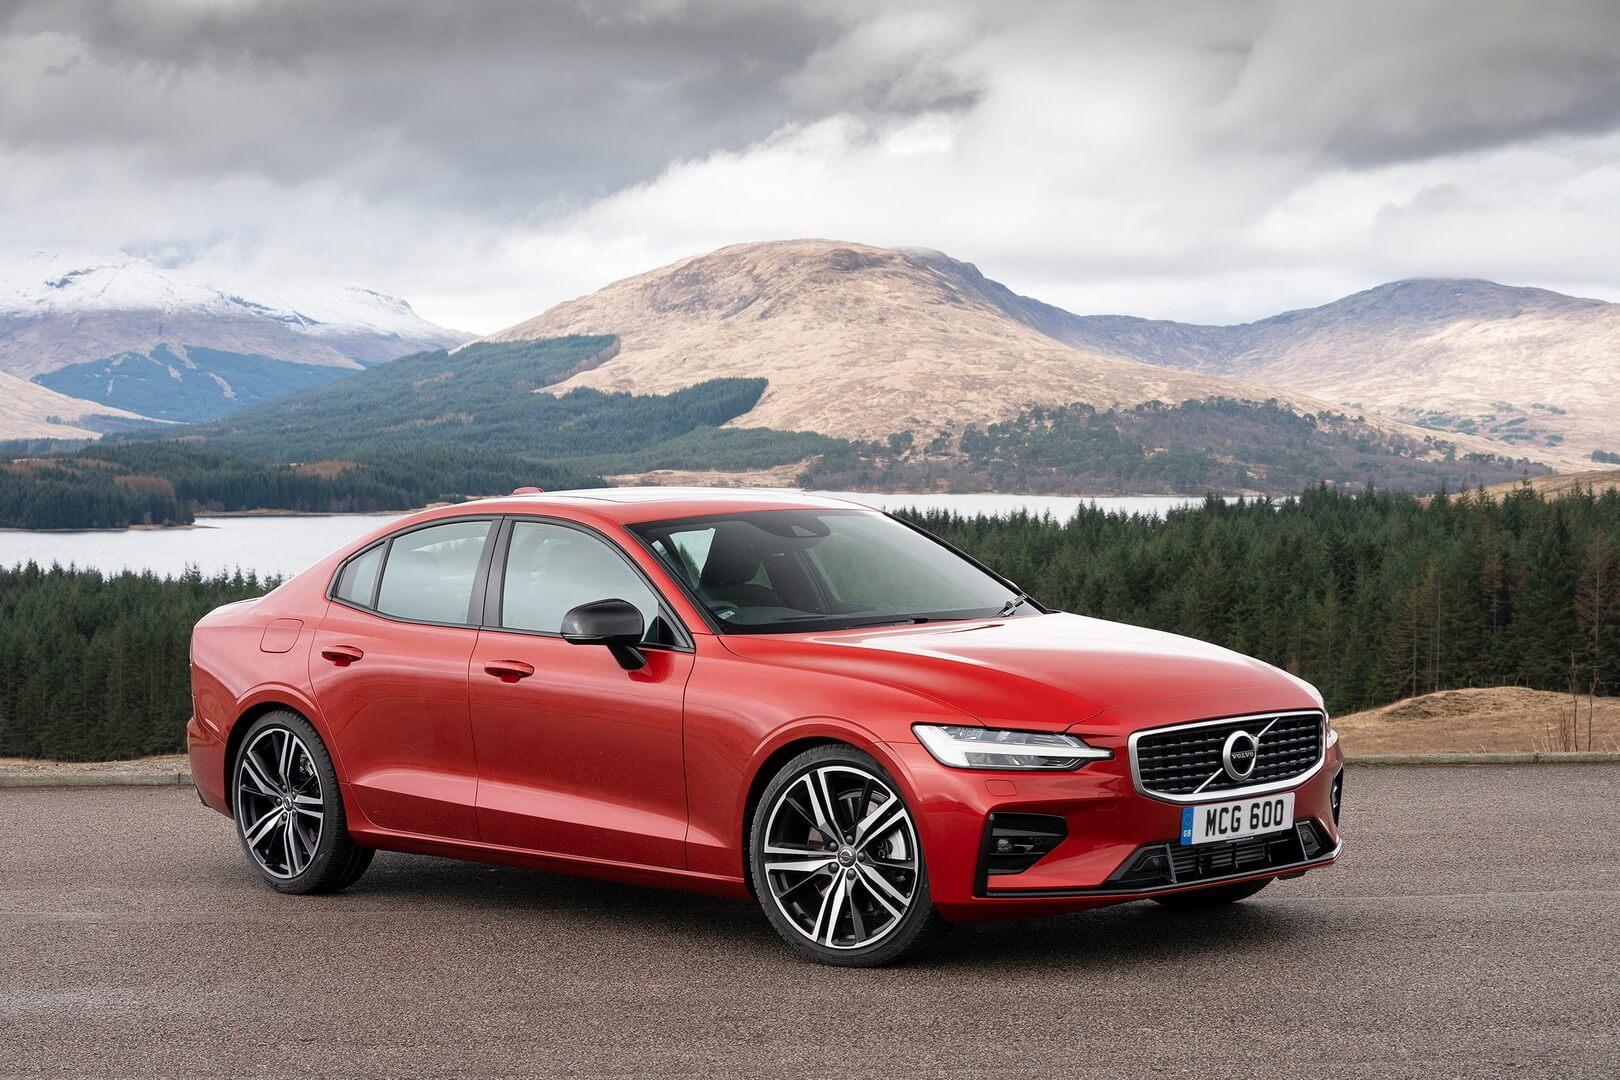 Volvo дополнила линейку S60 полноприводным плагин-гибридом T8Twin Engine